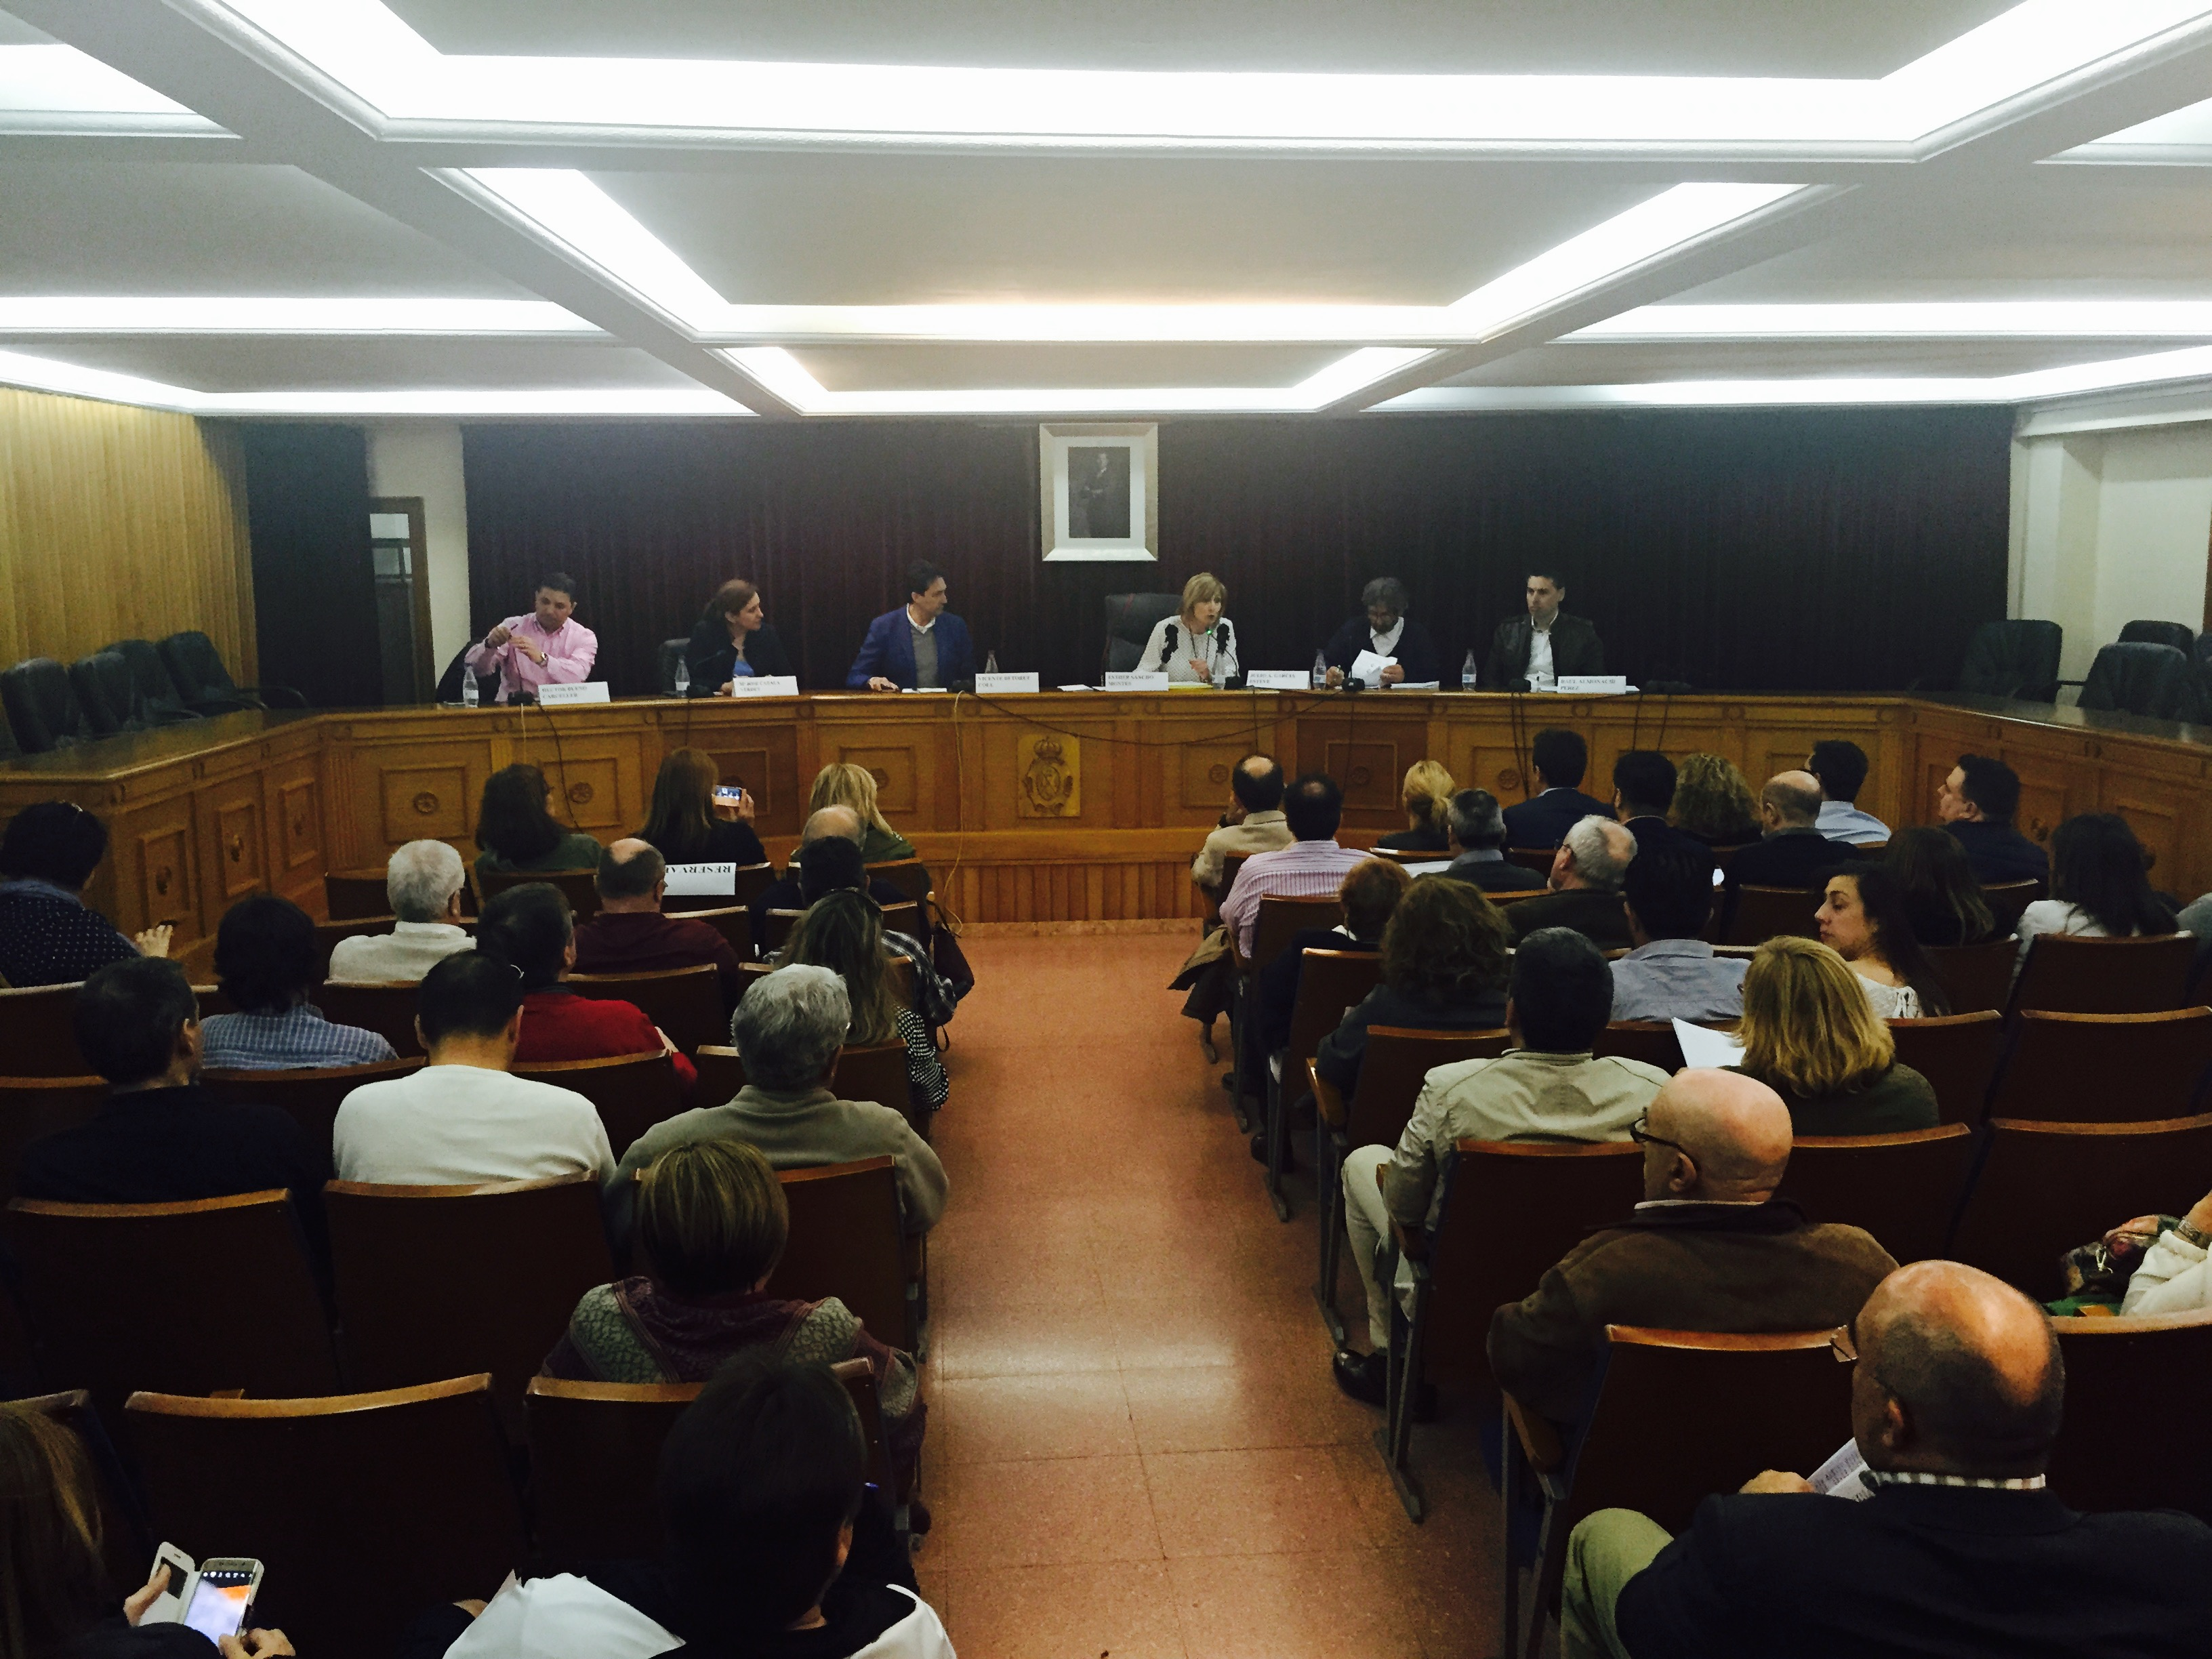 La casa consistorial de Chiva ha acogido la primera de las acciones organizadas por el PPVAL para criticar el decreto del Consell.